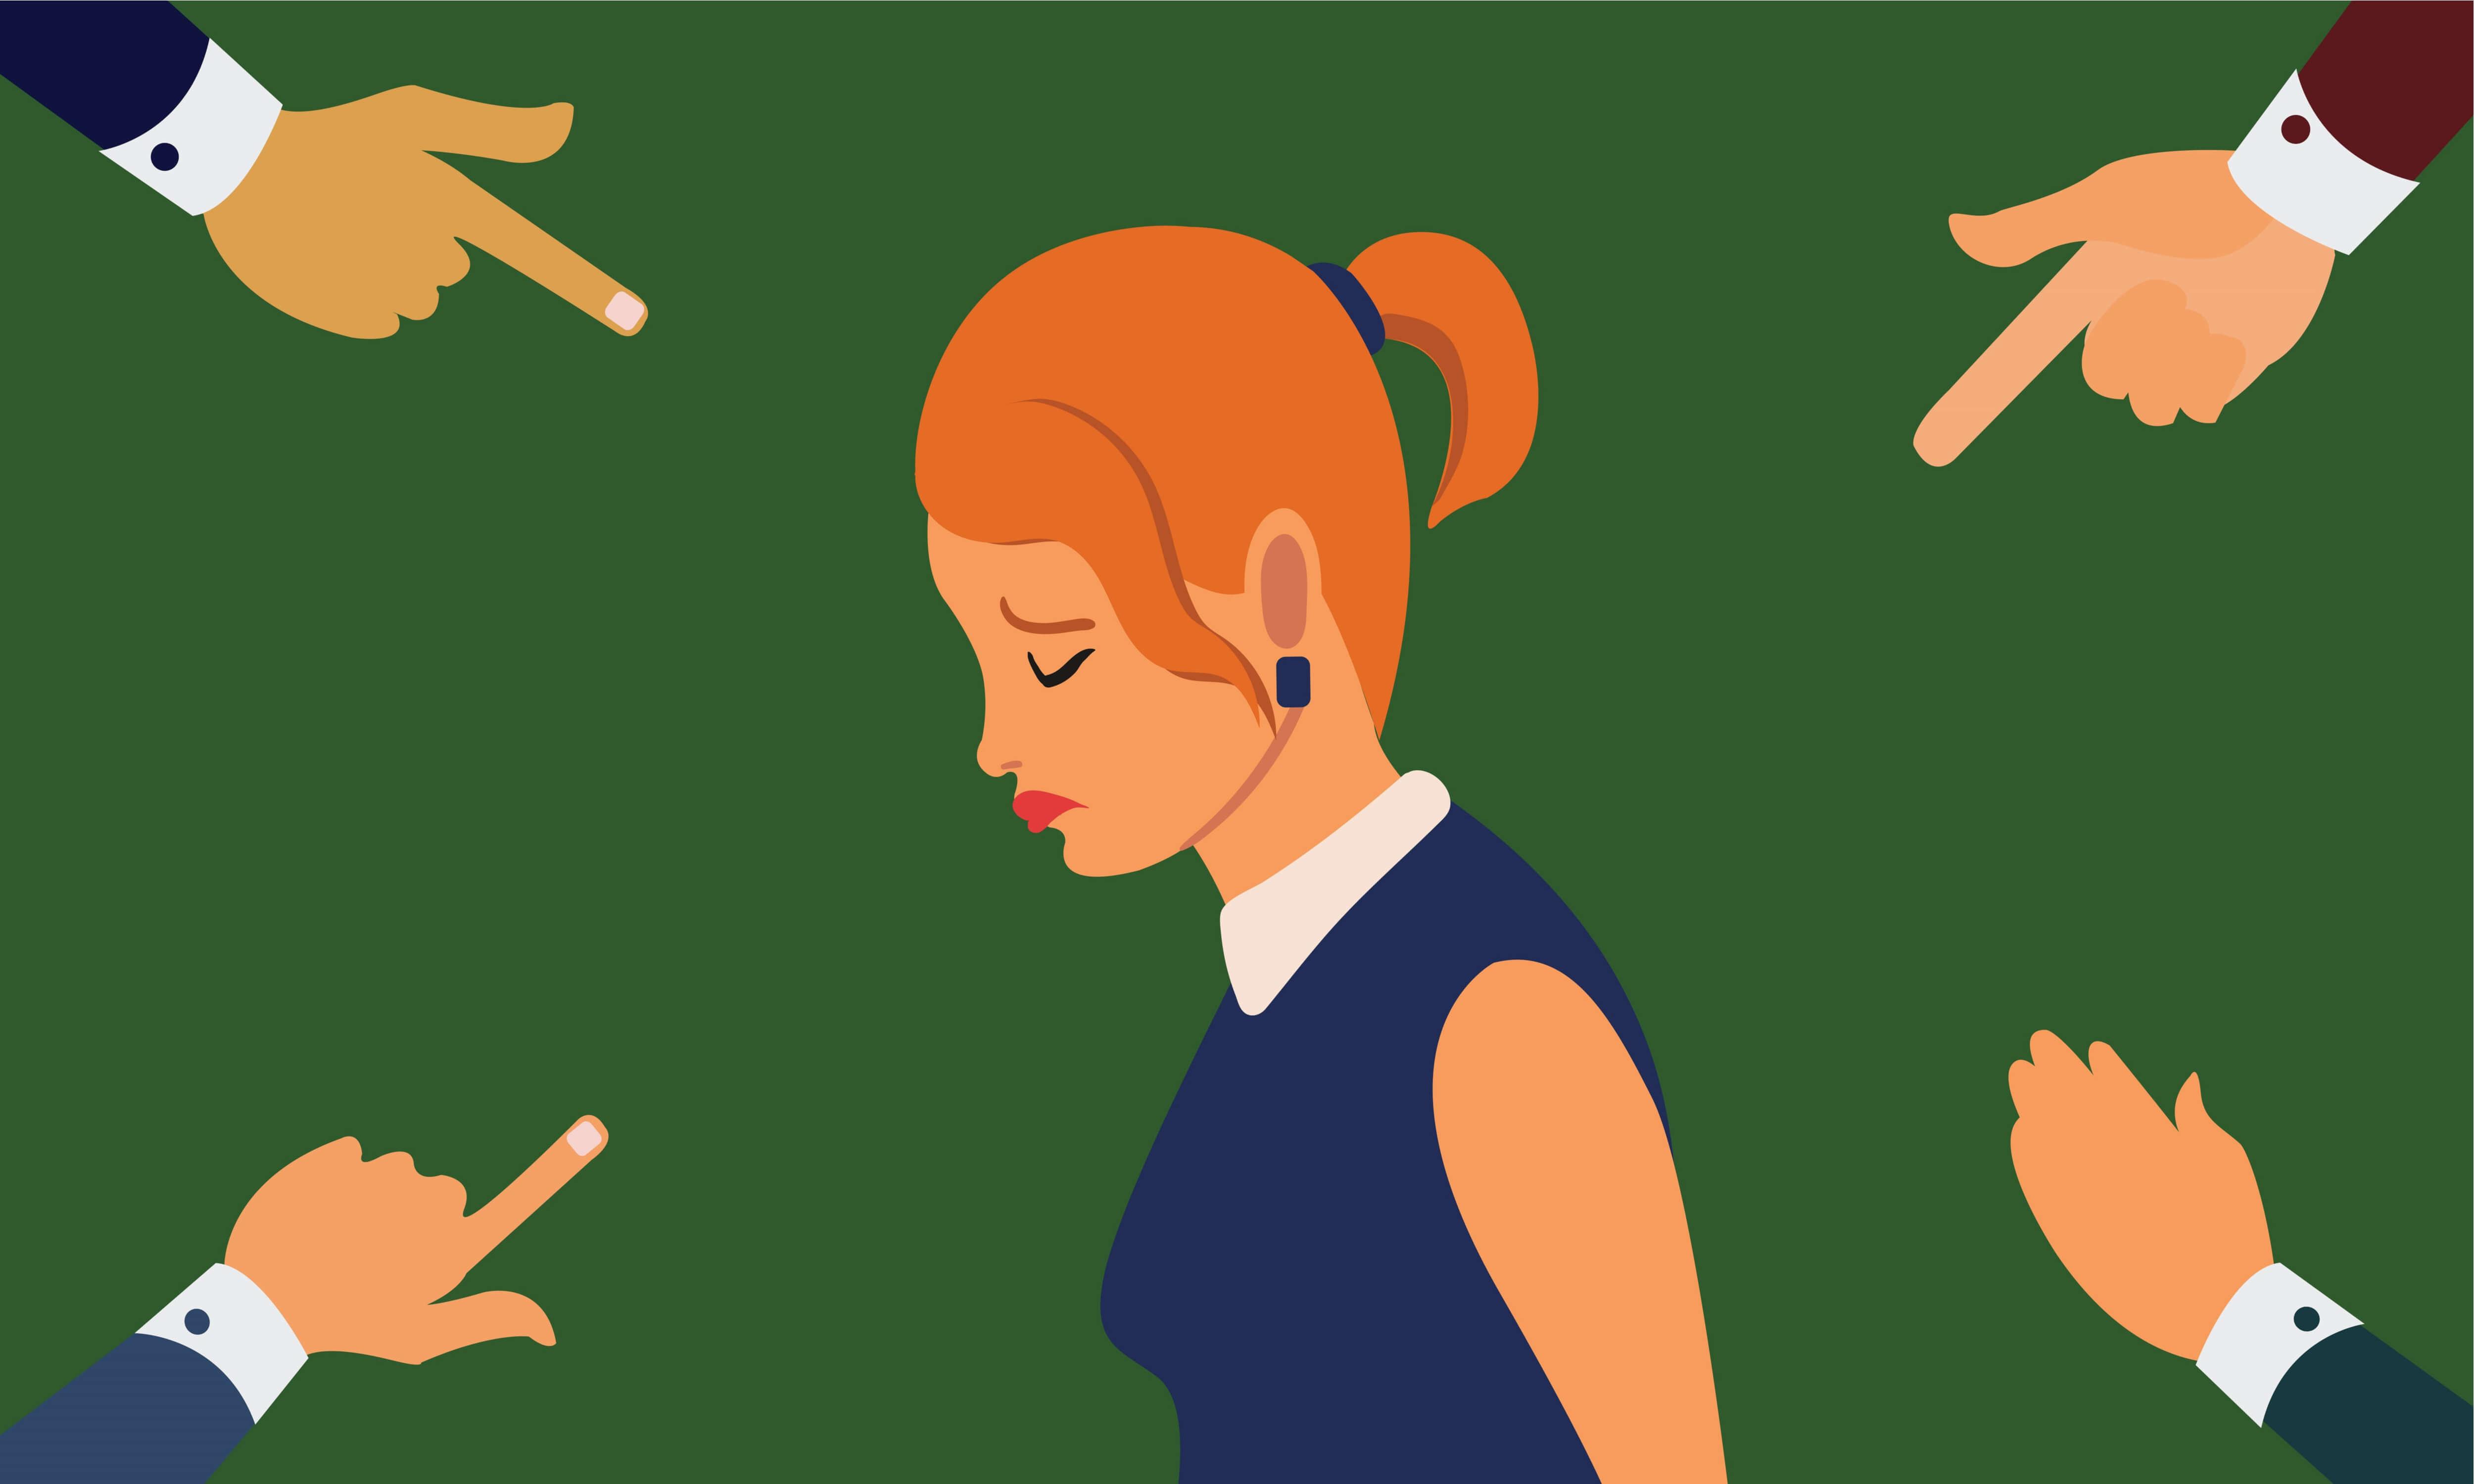 「見て見ぬふり」で使用者責任に 神戸教員いじめの事例から「職場いじめ」対策を考える